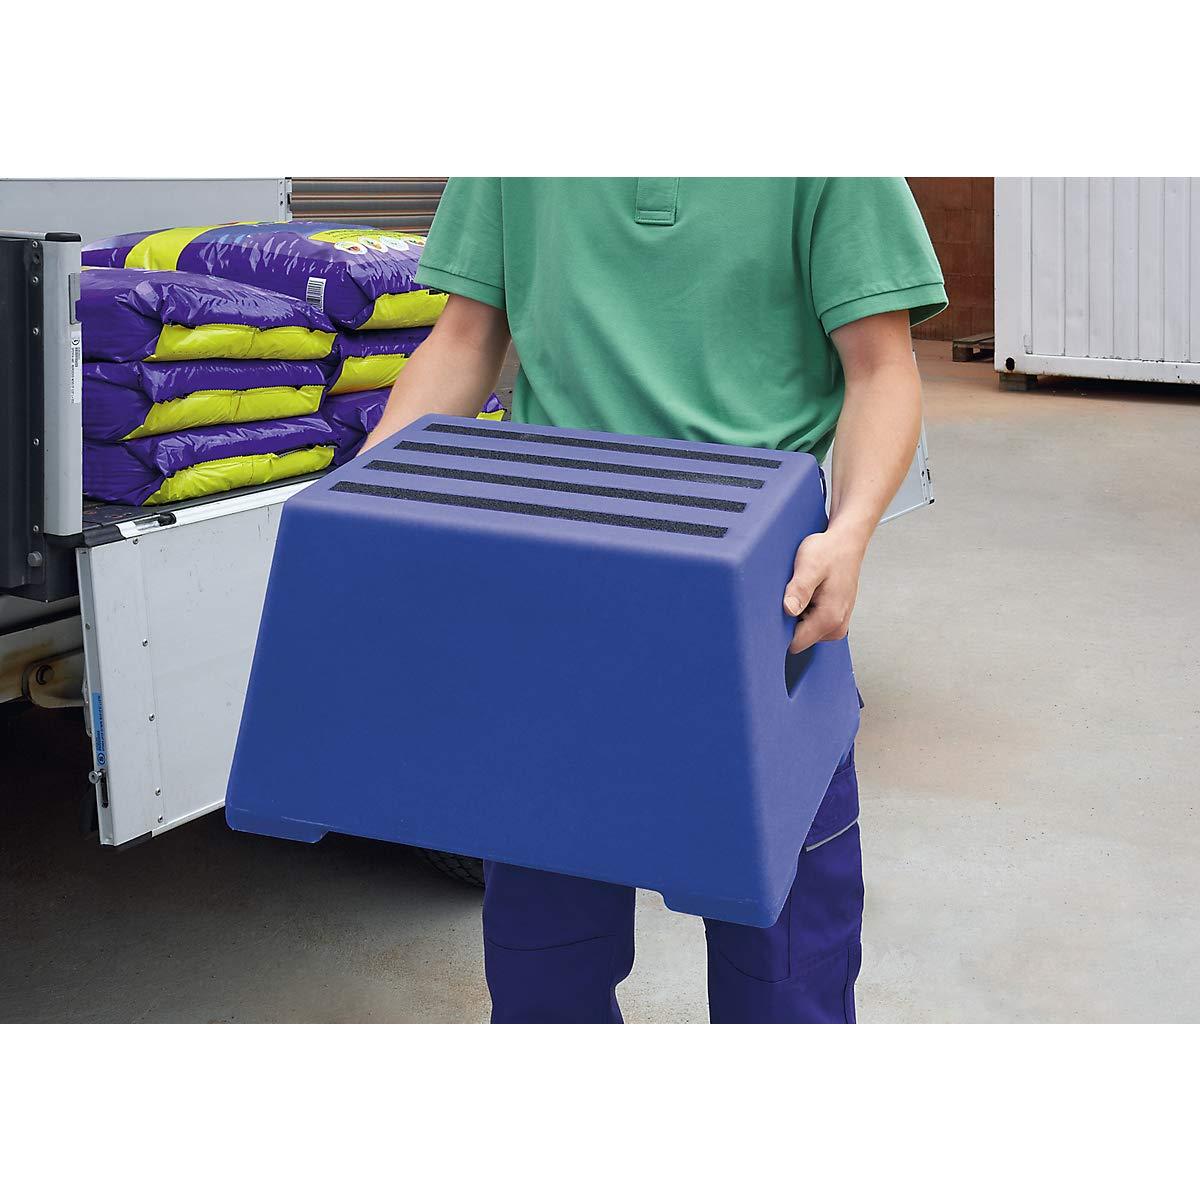 gepr/üft nach EN 14183:2003E 3 Stufen abwaschbar ultramarinblau Kunststoff-Tritt Steighilfe Tritt Kunststoff-Tritt mit rutschfesten Stufen